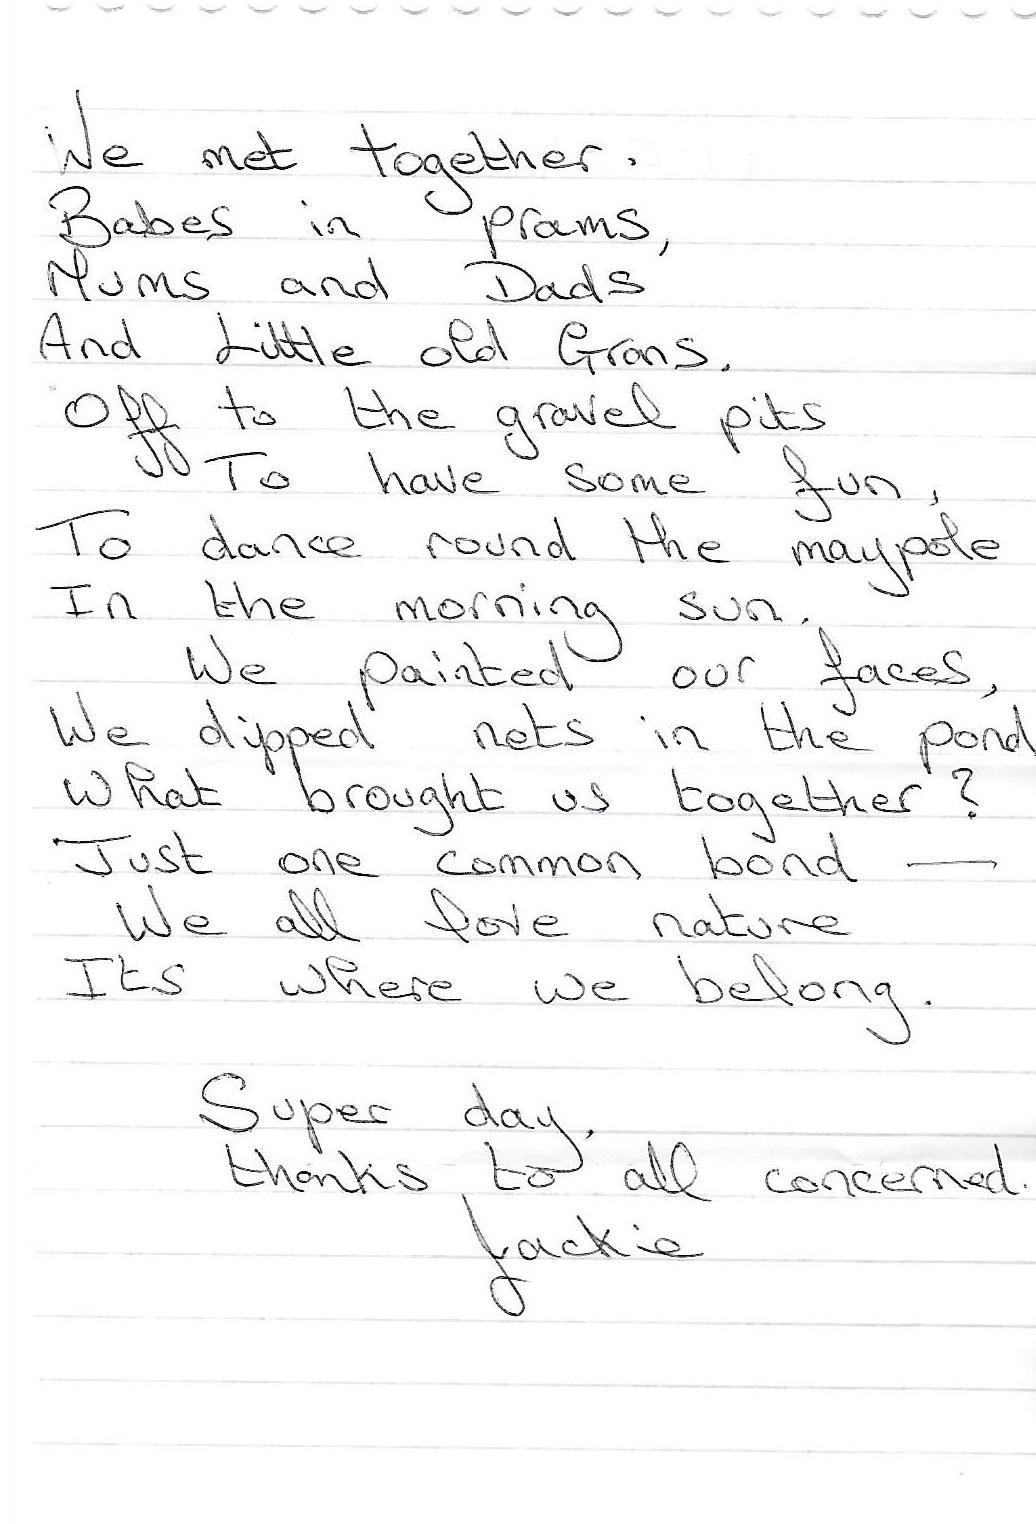 jackie's poem